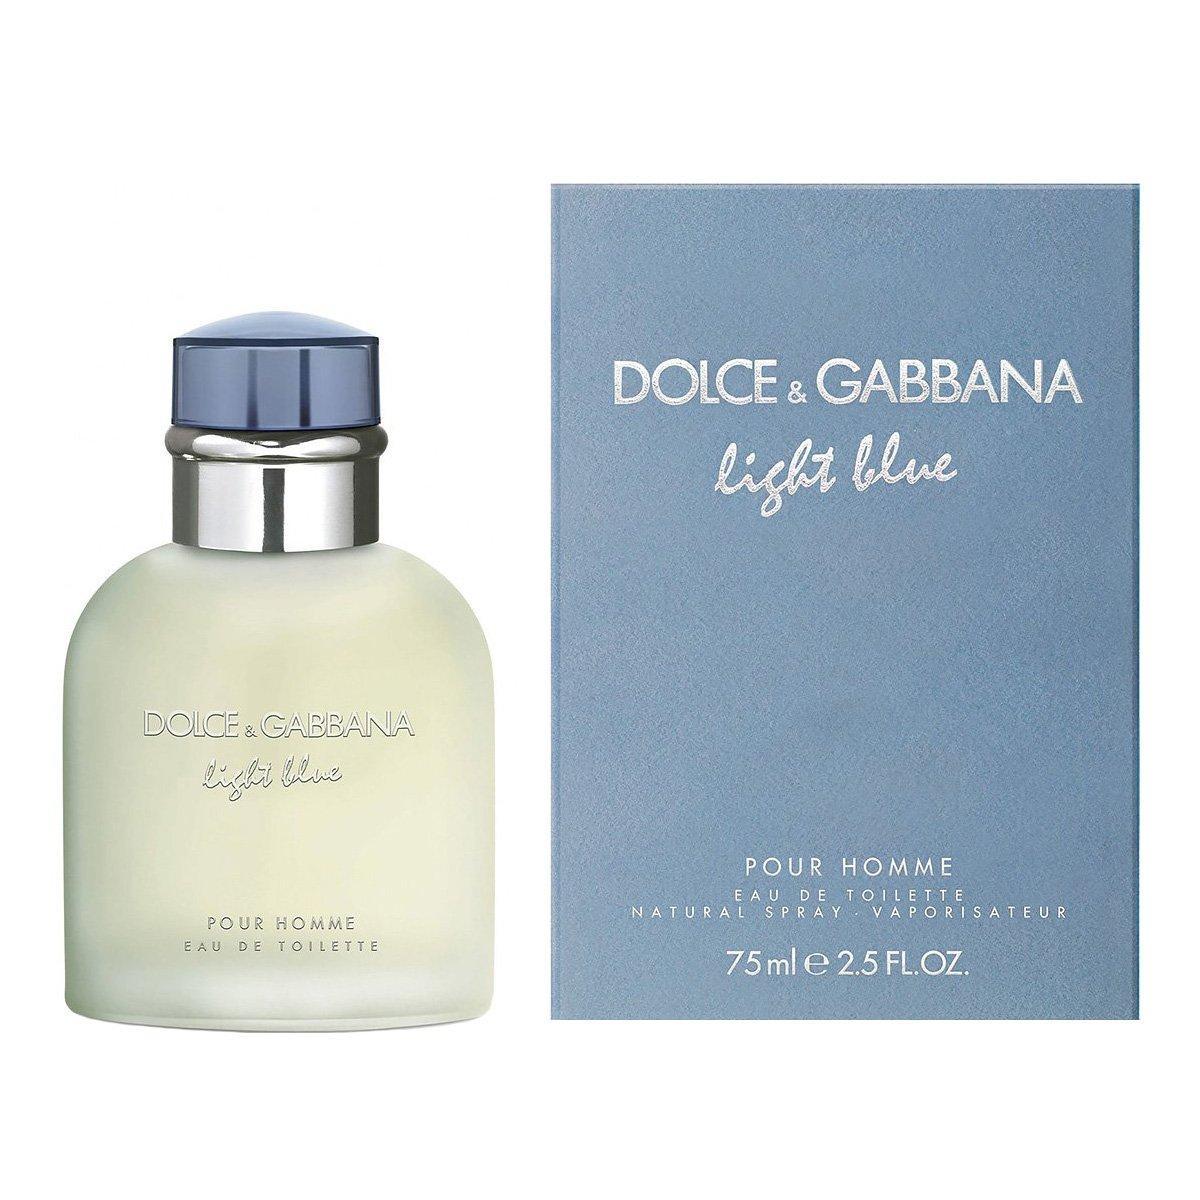 Dolce&Gabbana Light Blue Pour Homme Туалетная вода 125 ml D&G (Дольче Габана Лайт Блю Пур Хоум) Мужской Парфюм